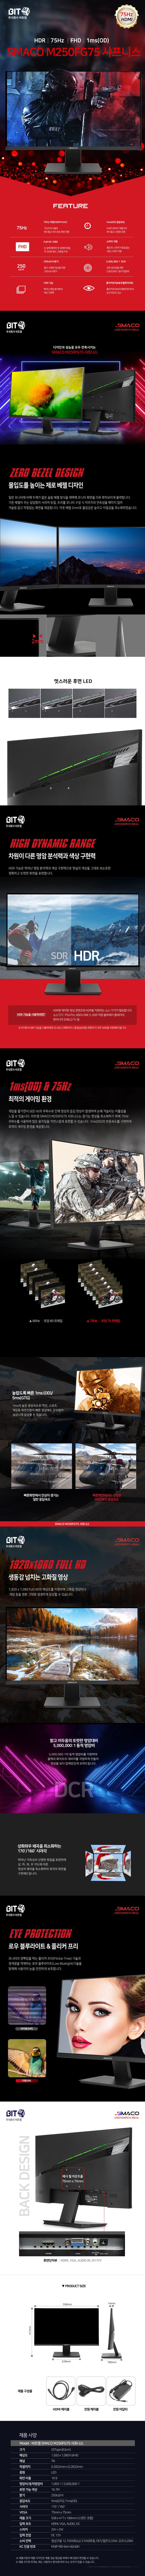 비트엠 SMACO M250FG75 샤프니스